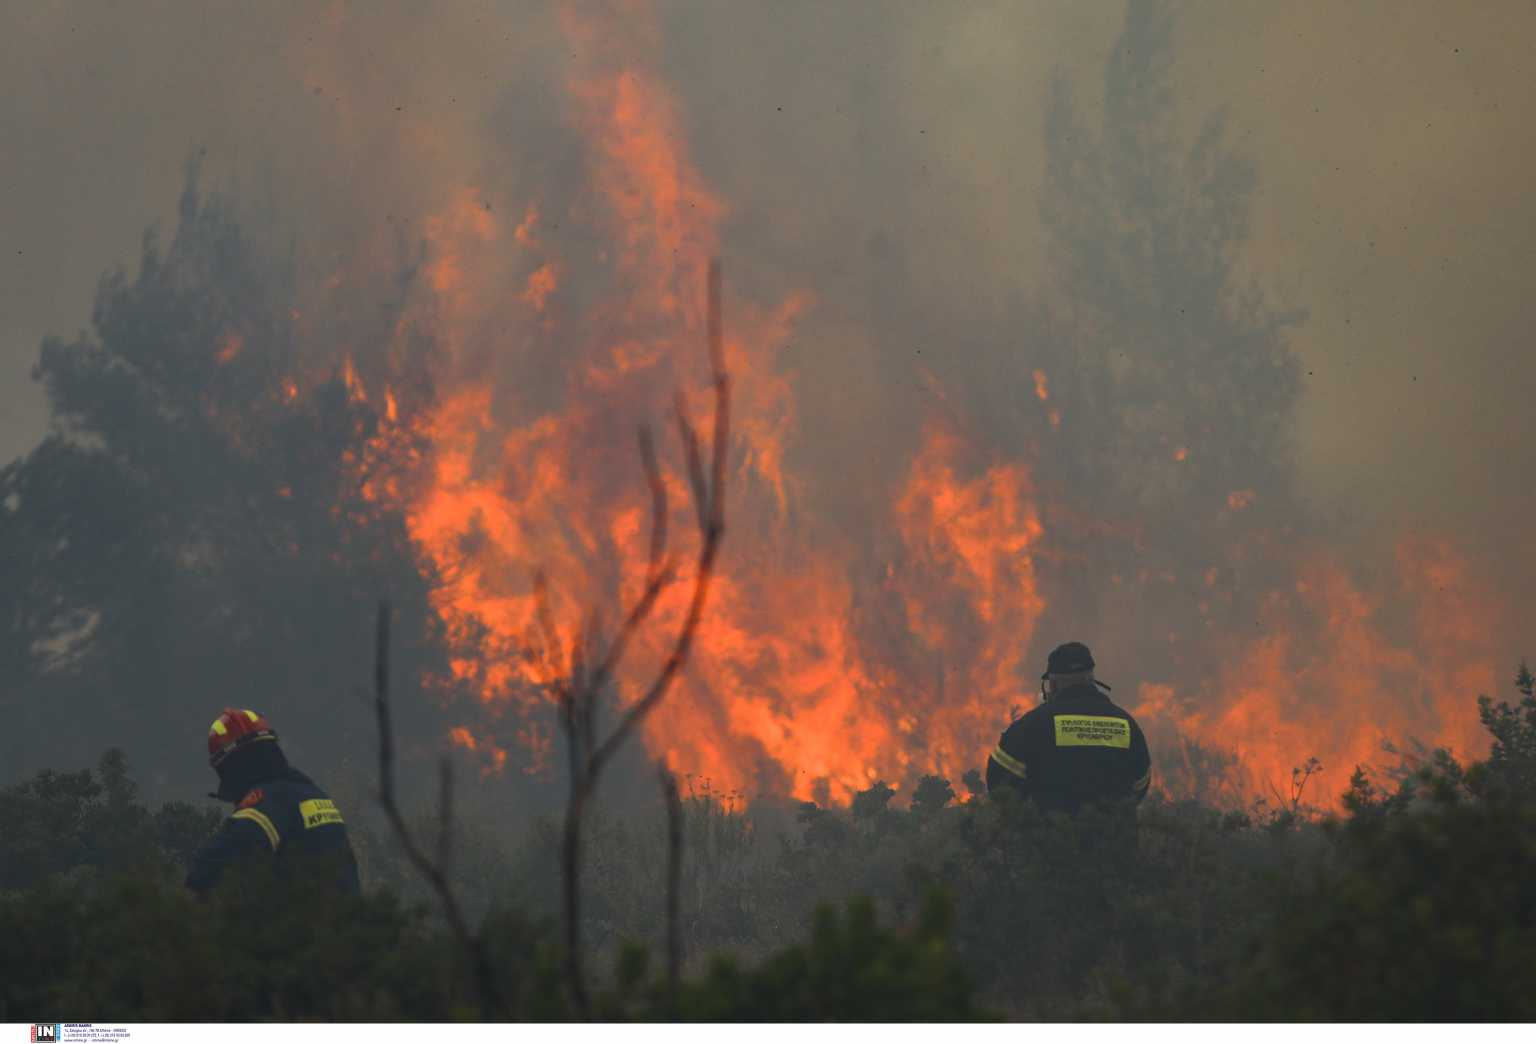 Φωτιά στην Ανατολική Μάνη: Στη δύσβατη περιοχή της Δεσφίνας το κύριο μέτωπο